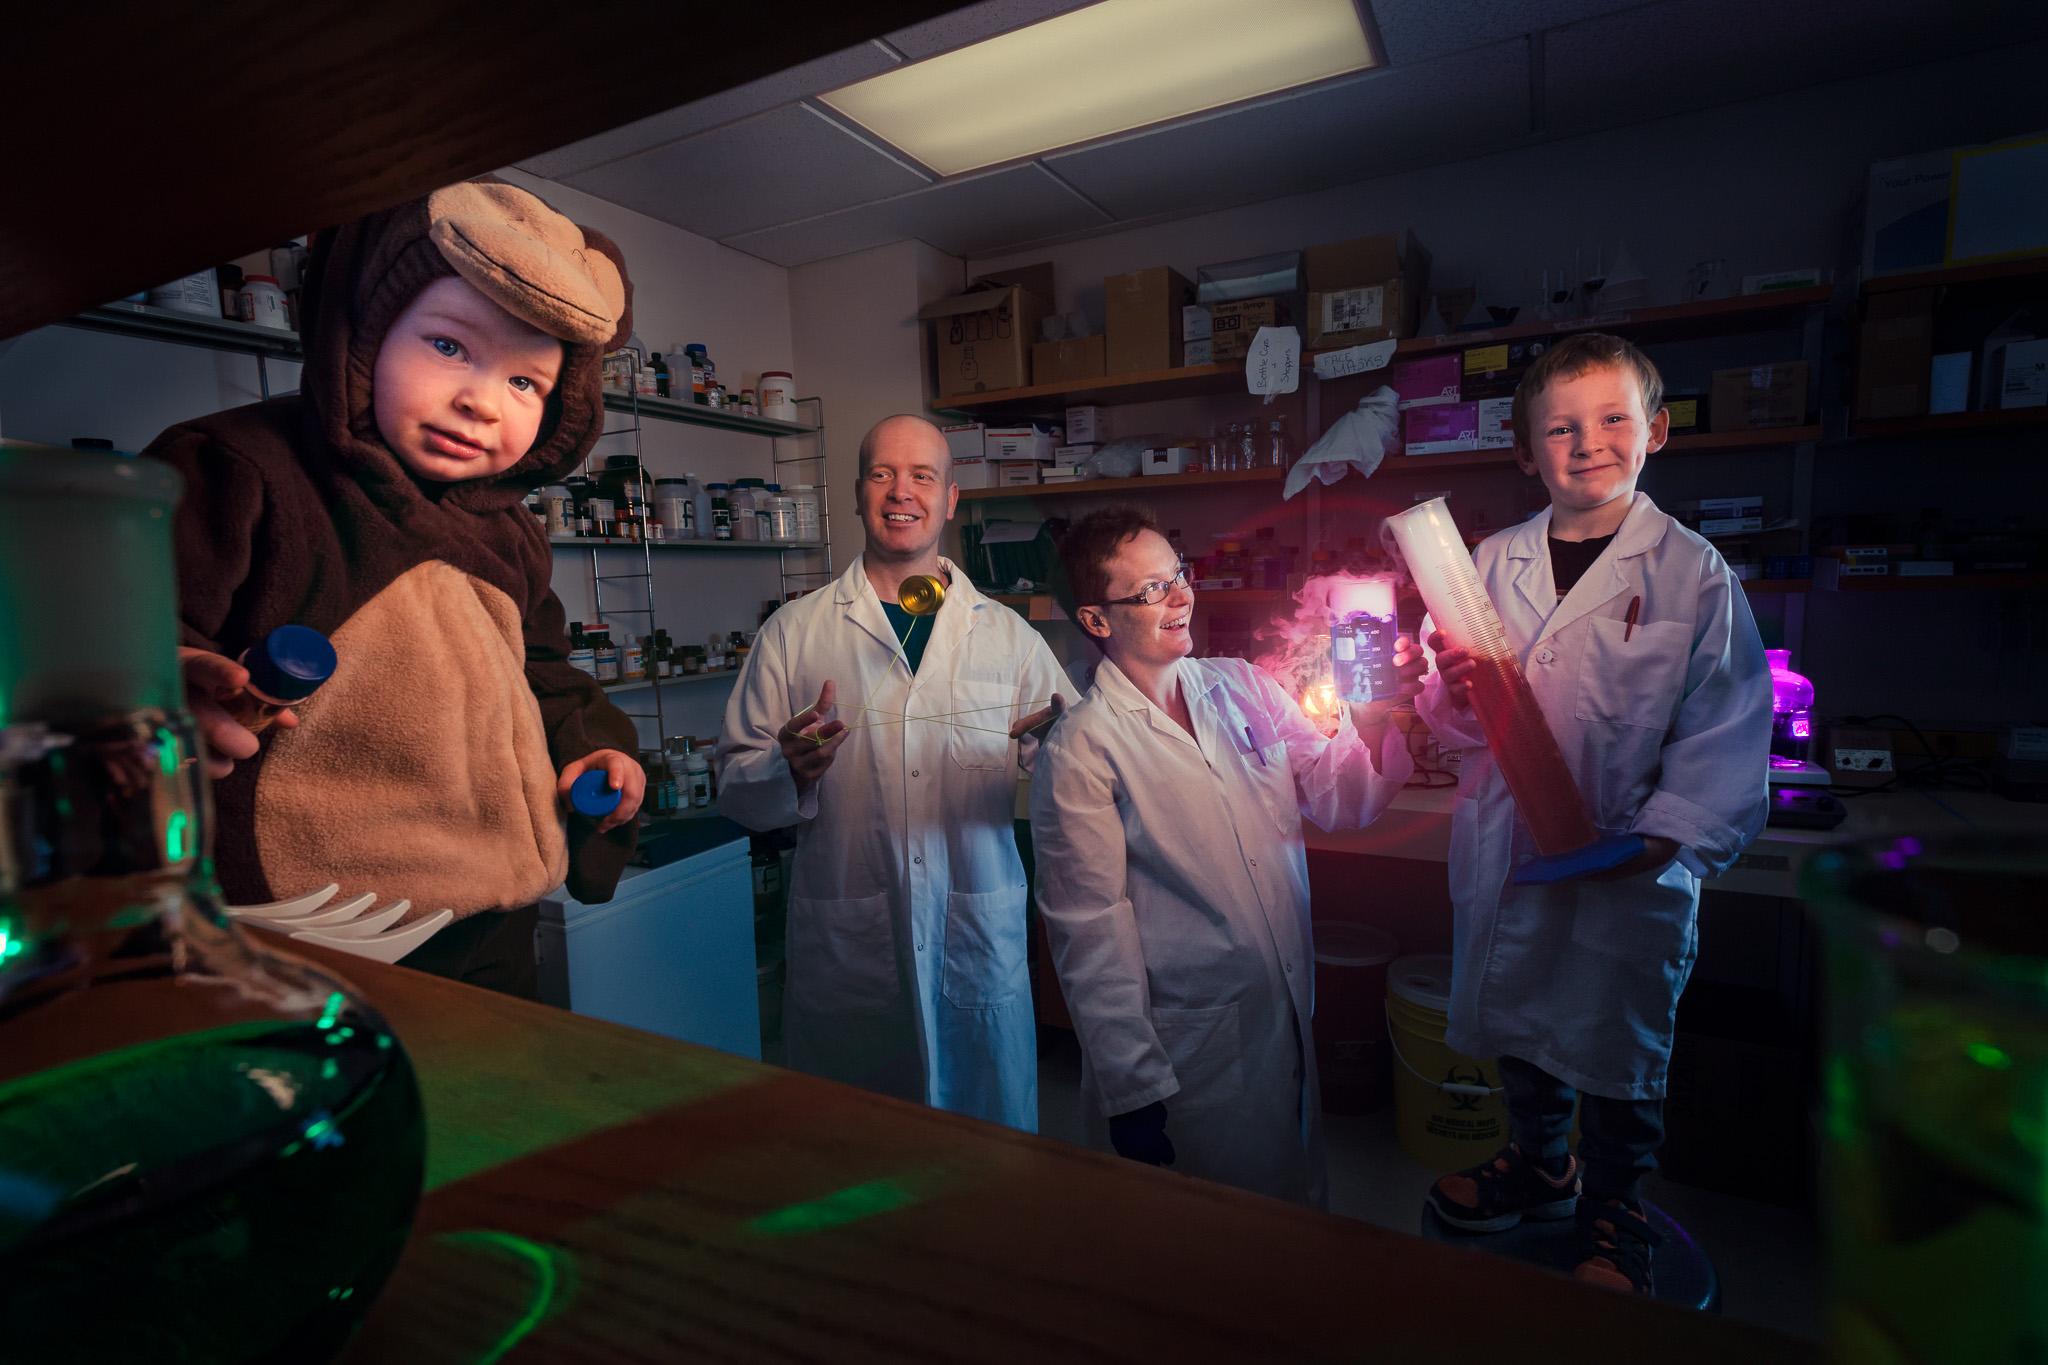 Ottawa Extreme Family Portrait Photographer Justin Van Leeuwen - The Monkey House 2